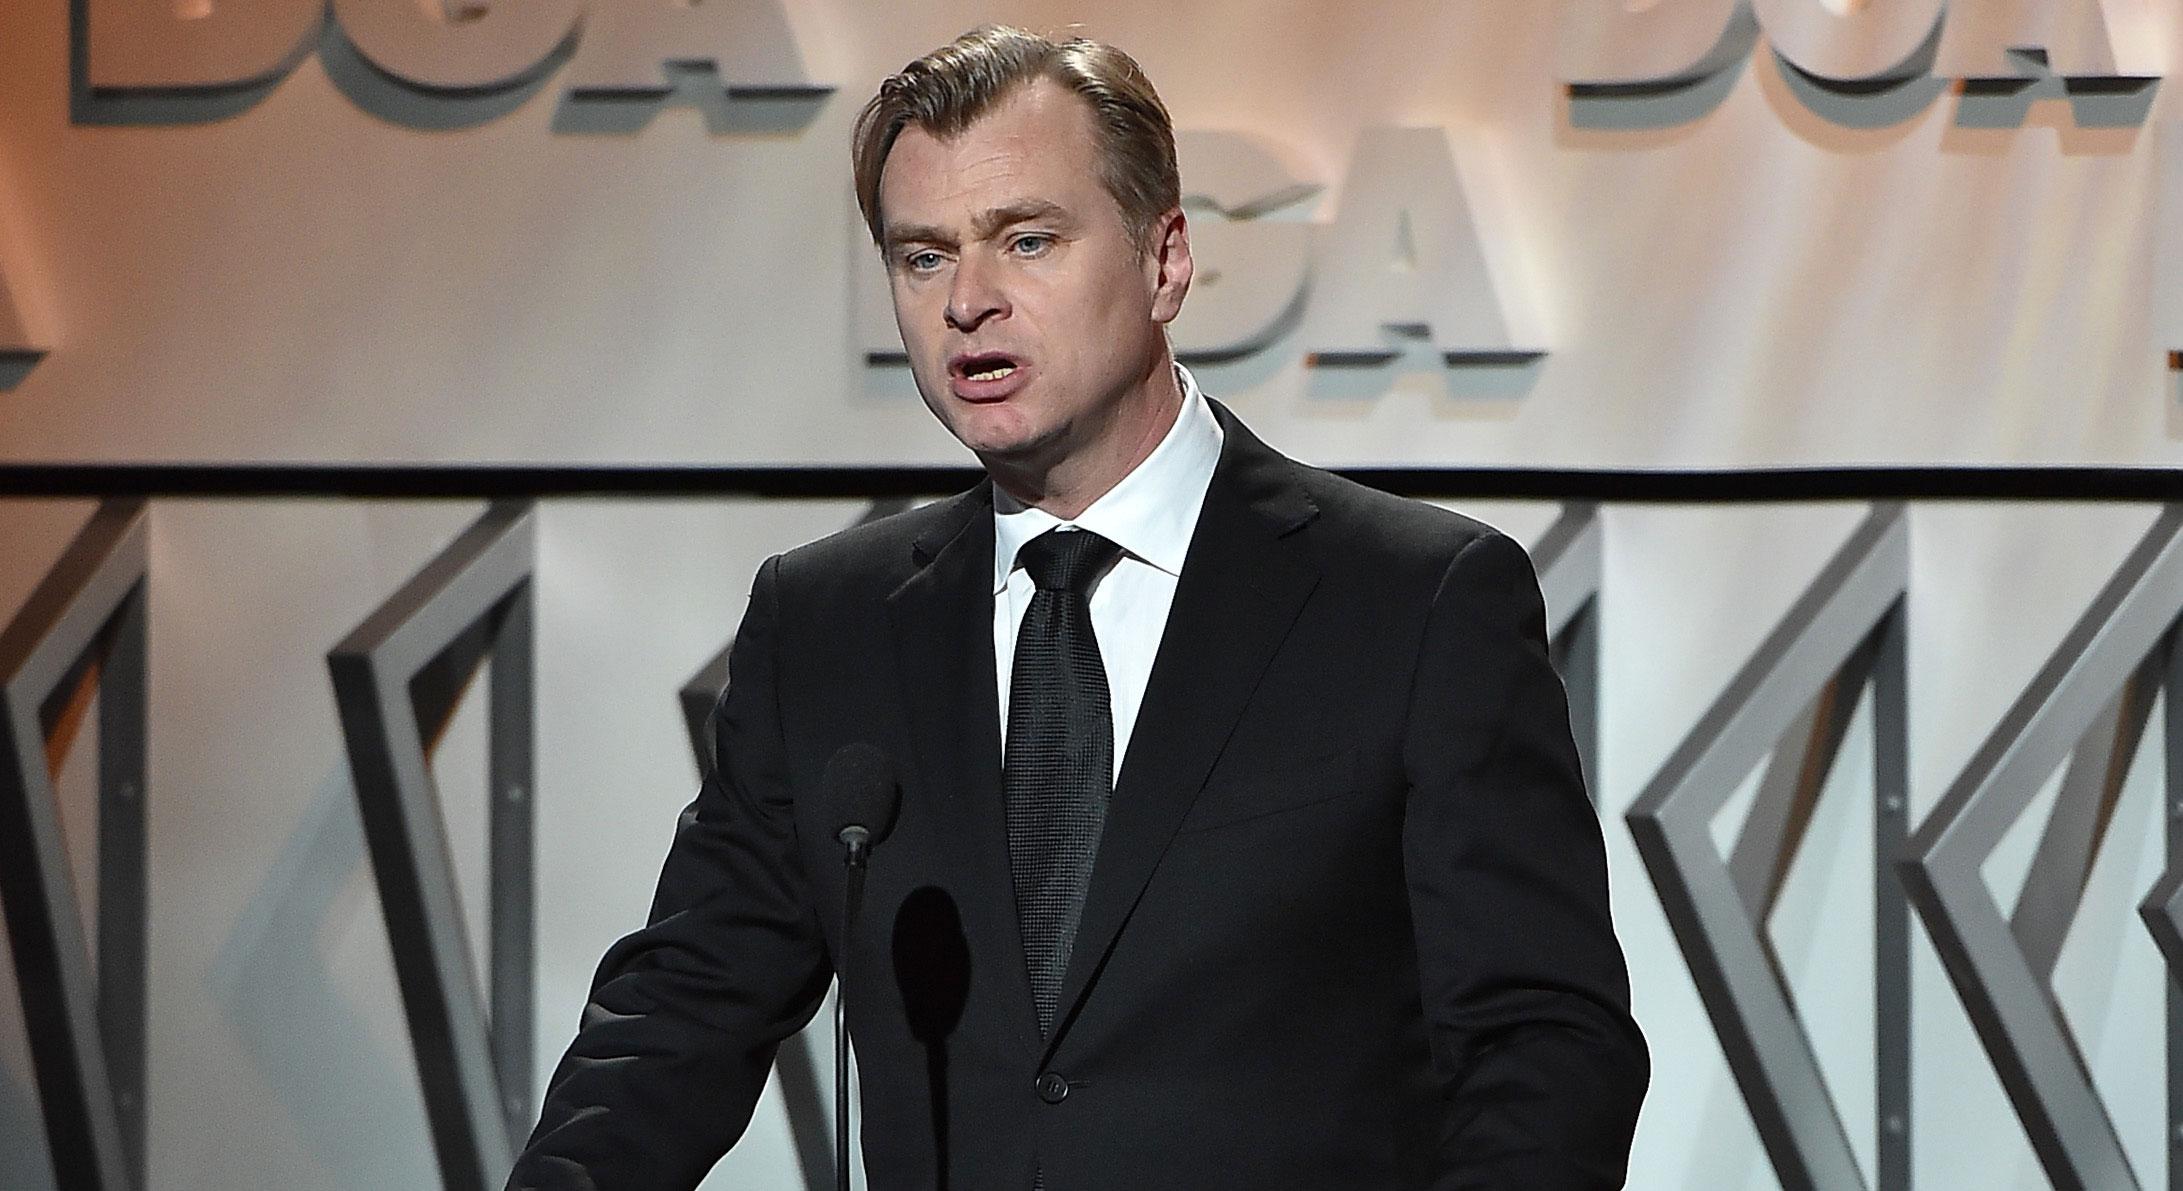 Nolan critica Netflix